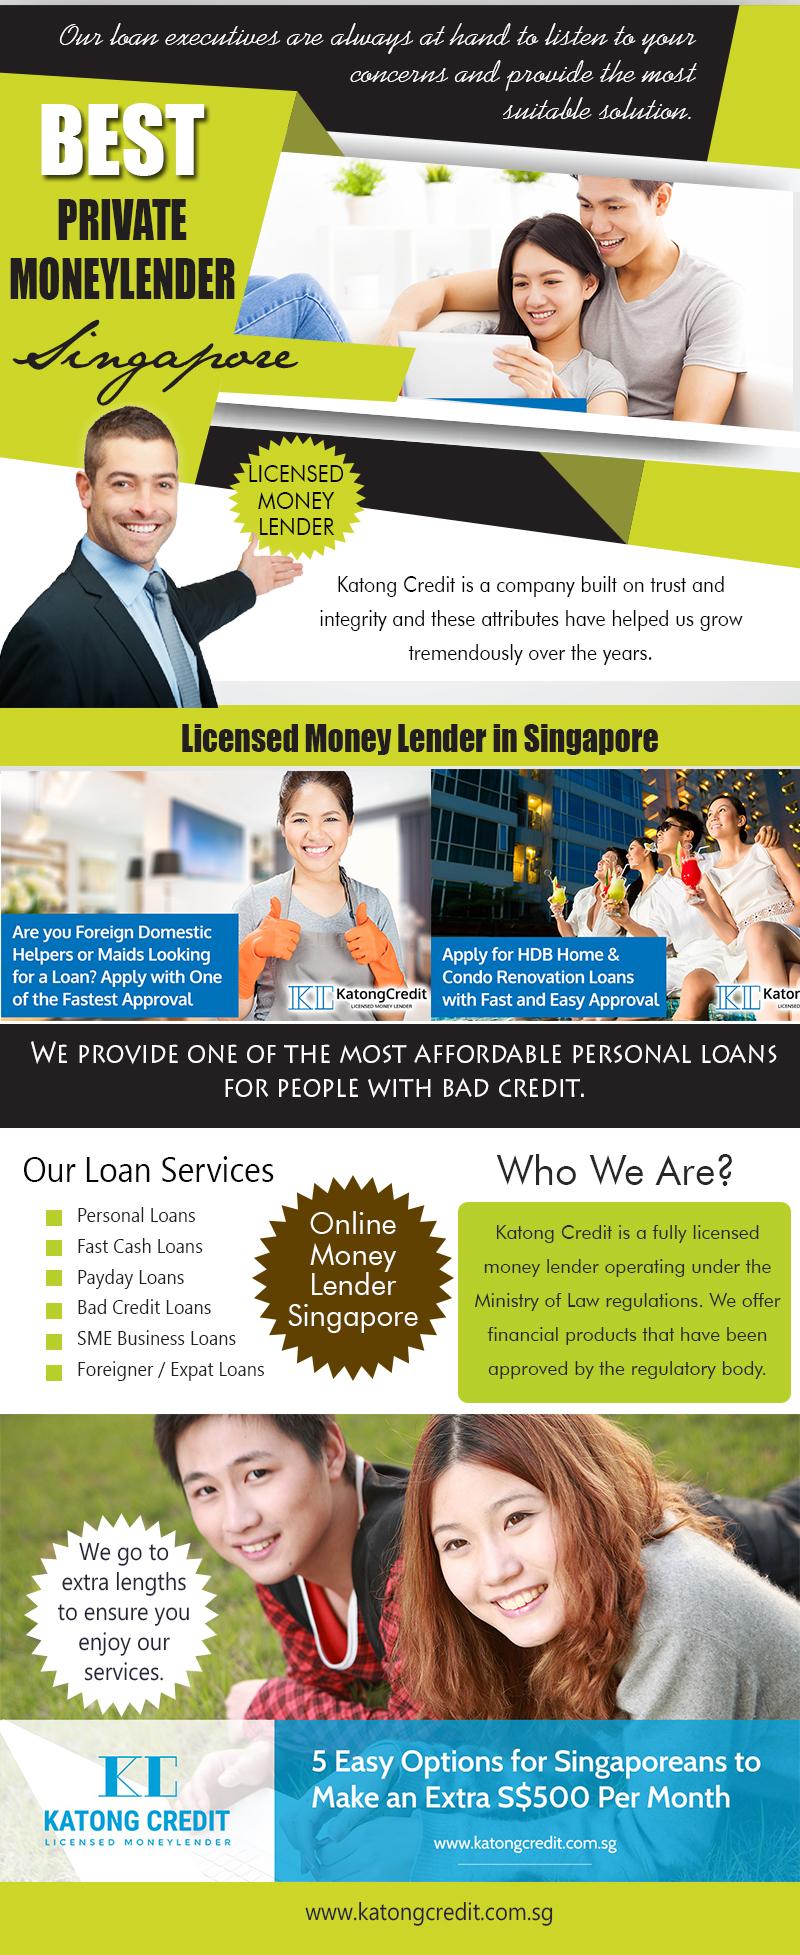 personal loan singapore bad credit | https://www.katongcredit.com.sg/